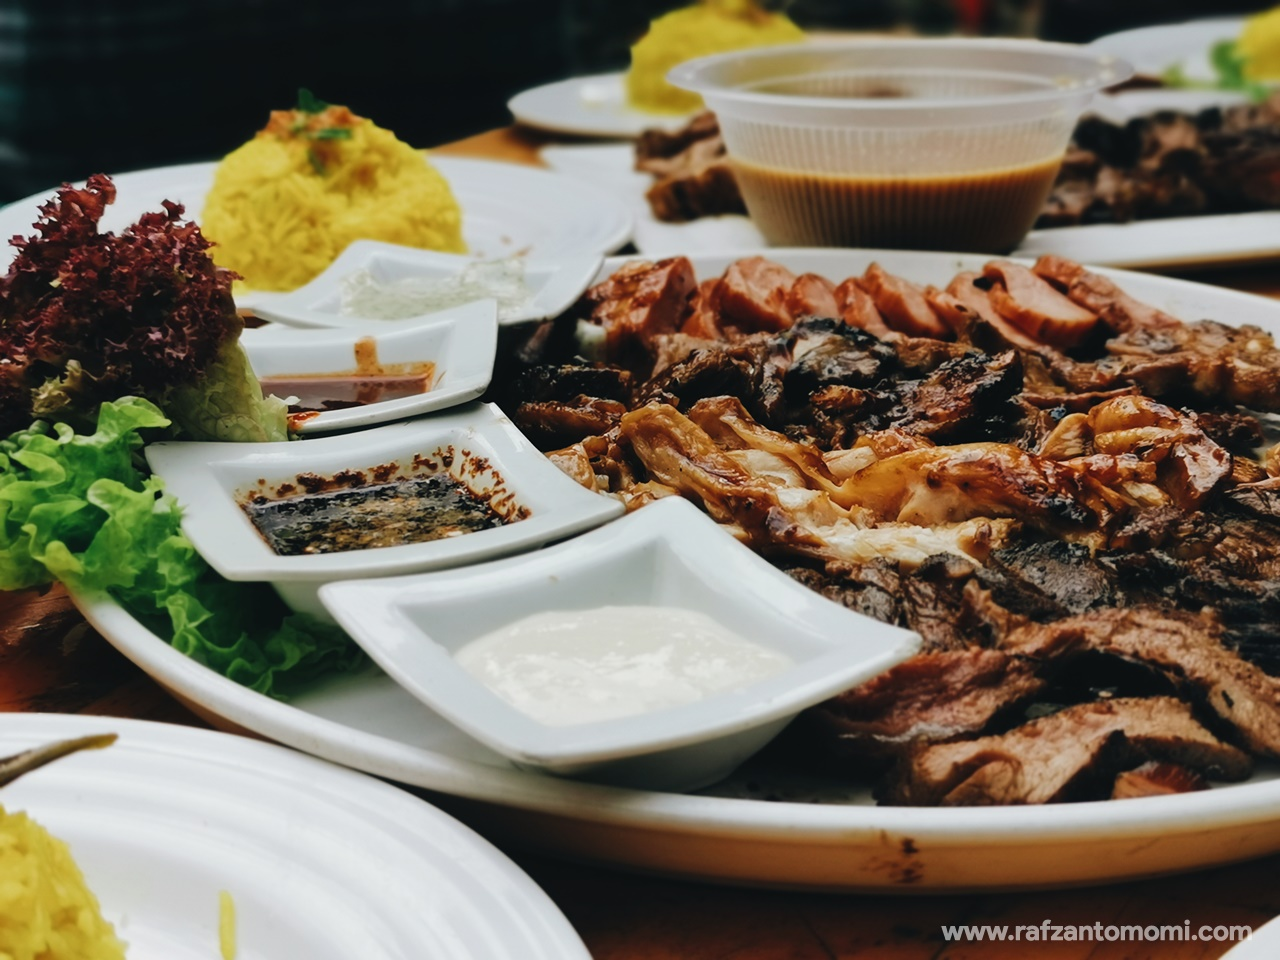 BBQ Lamb KL Kemensah - Makan Sambil Rendam Kaki Dalam Sungai